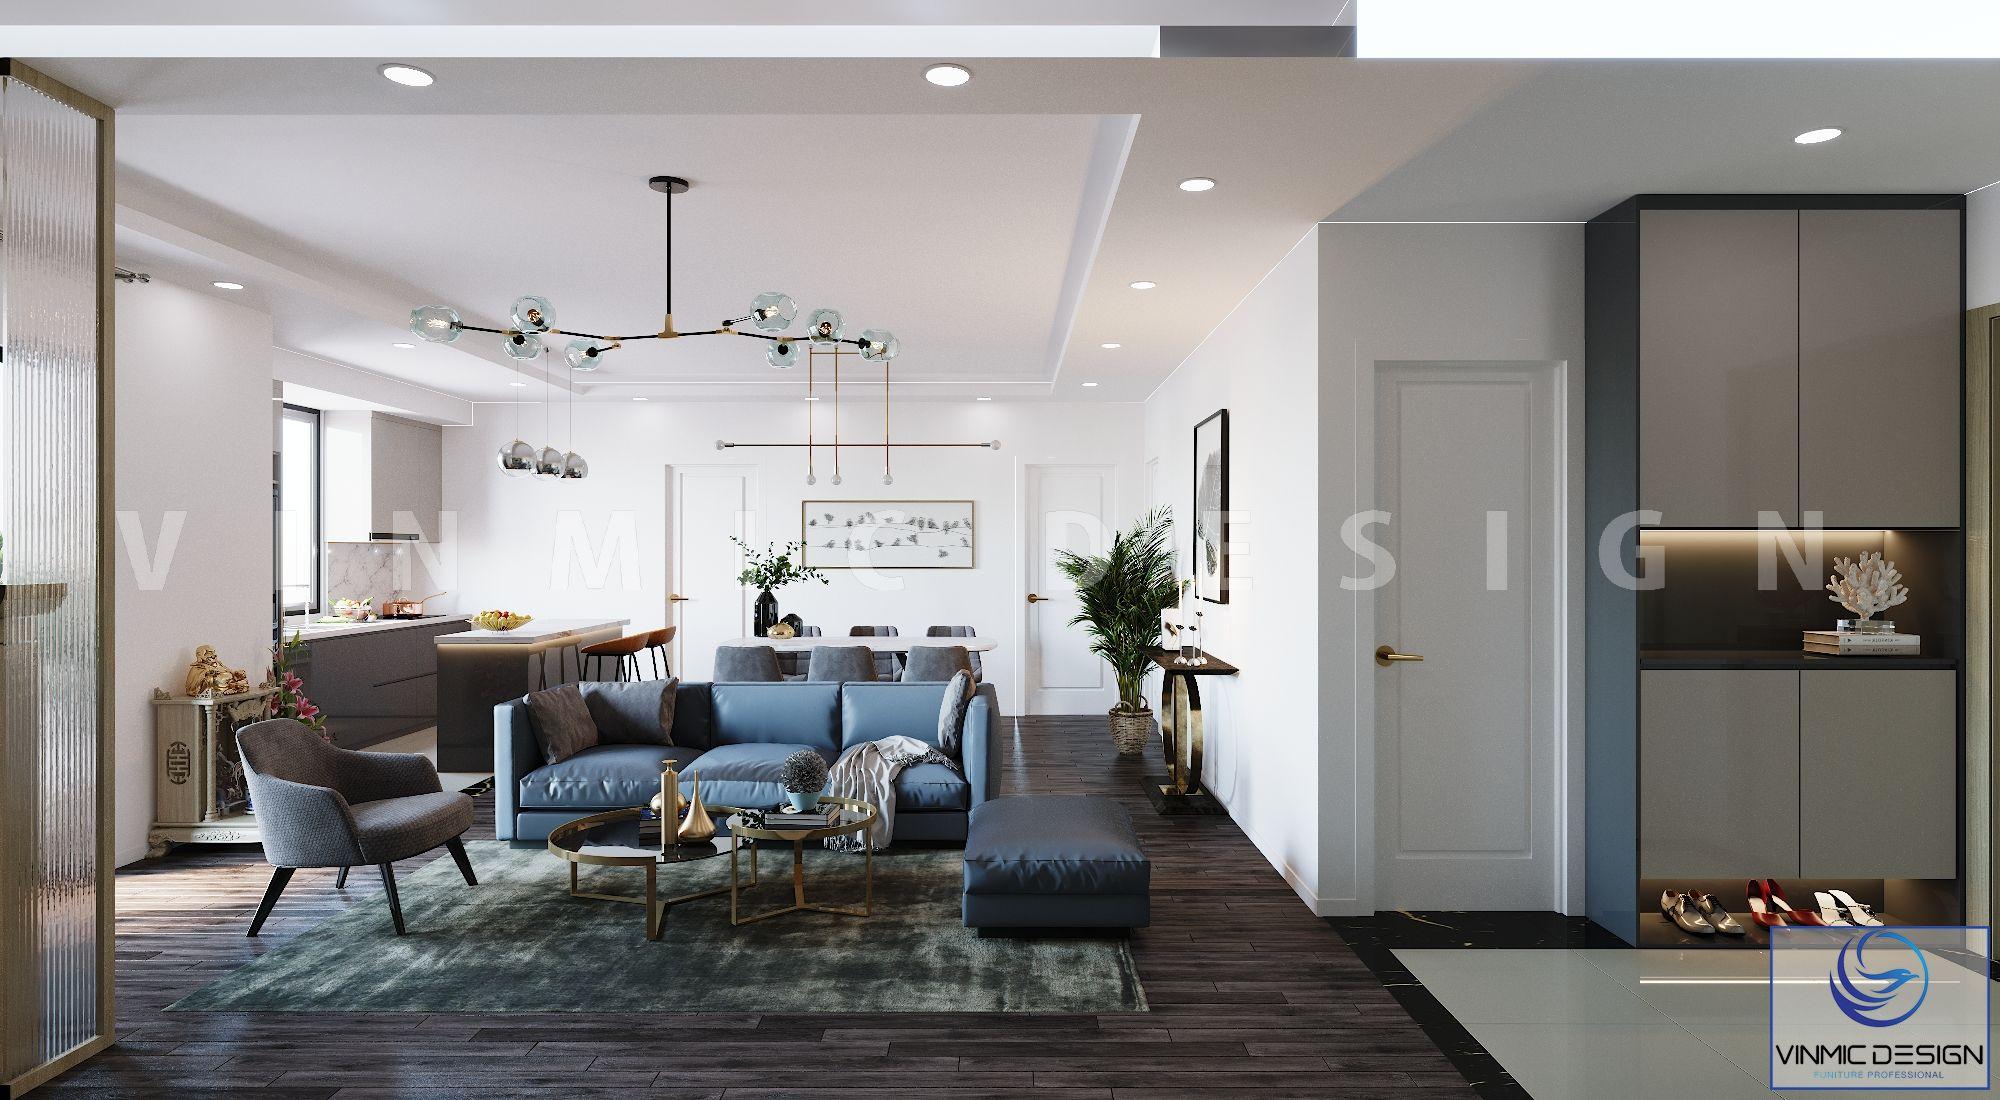 Nổi bật bộ sofa màu xanh cho gian phòng khách